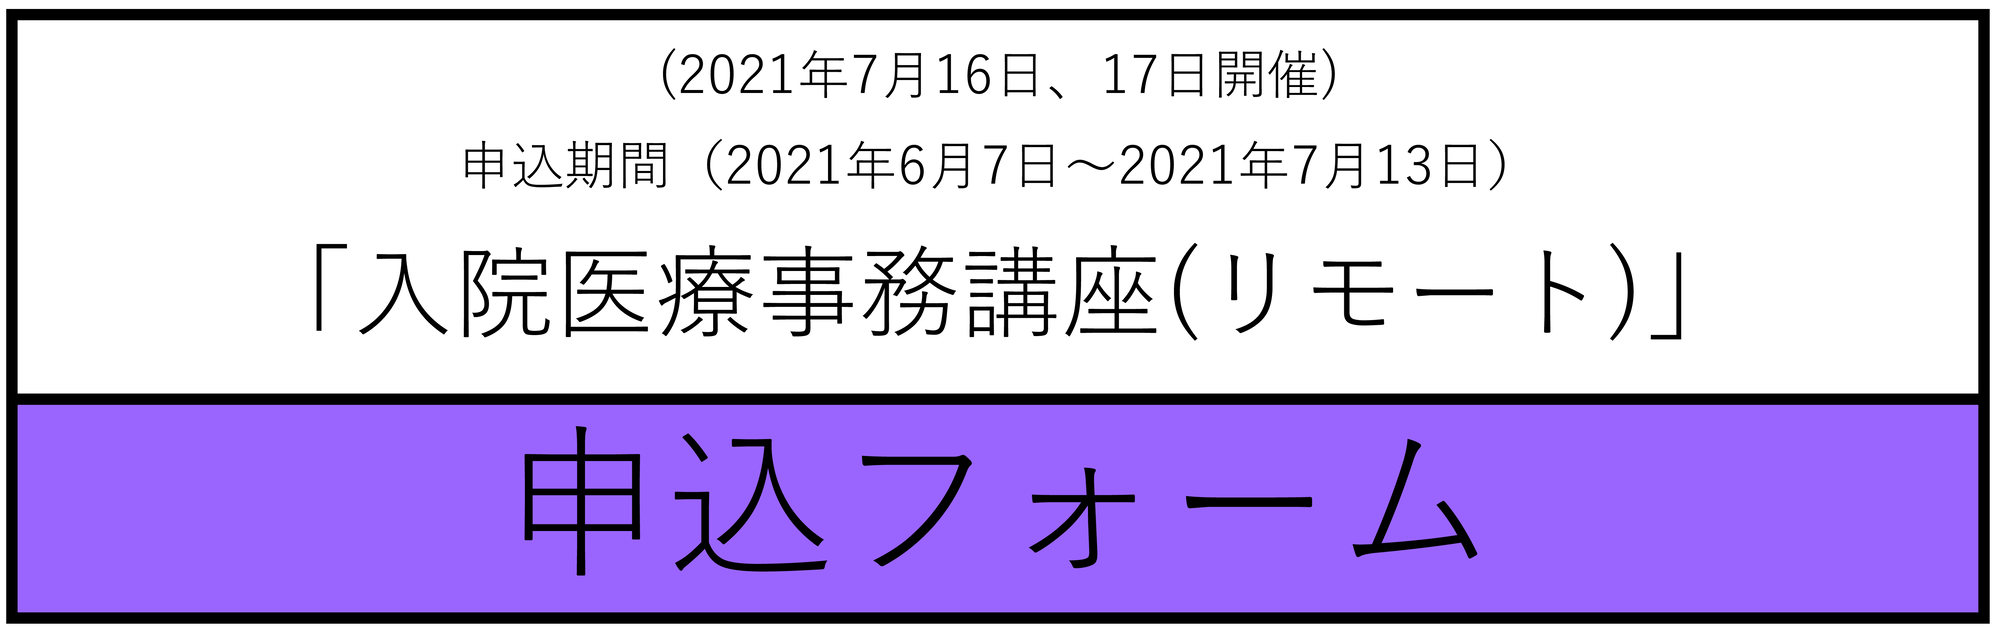 【入院医療事務講座】申込フォーム2021.7